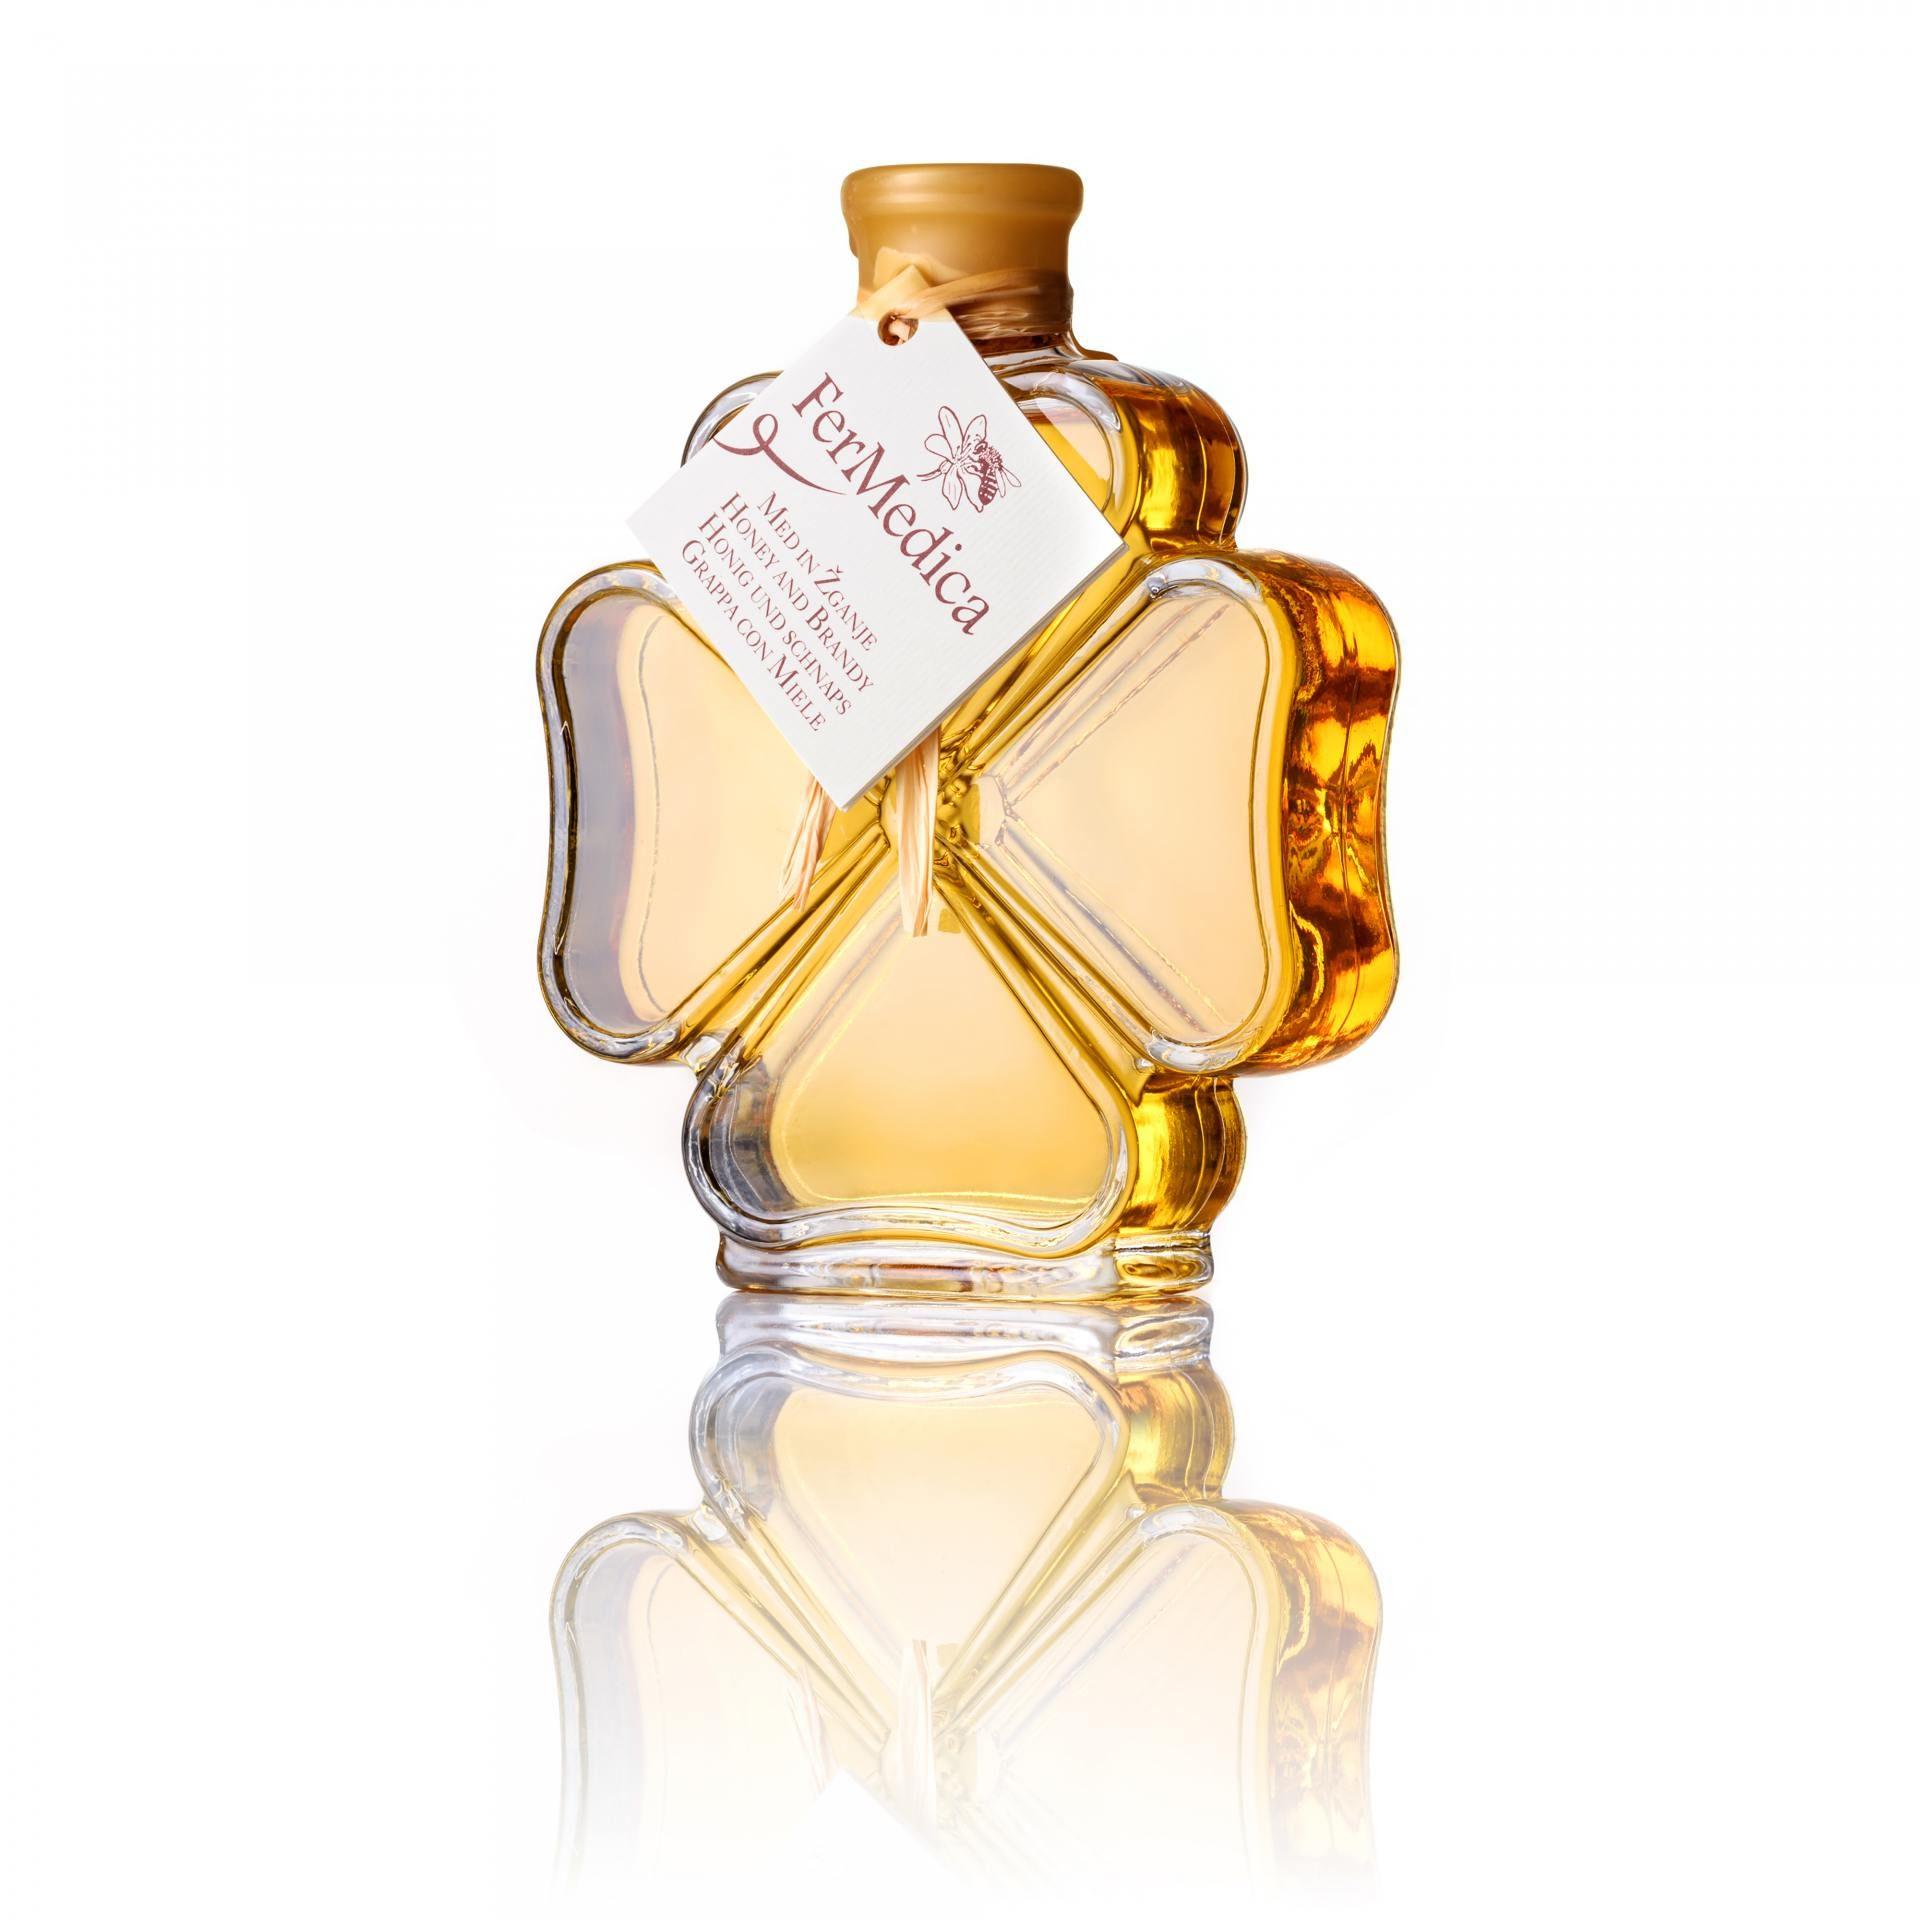 Med in žganje, med z dodatki, darilni seti v lični embalaži fermedica 15